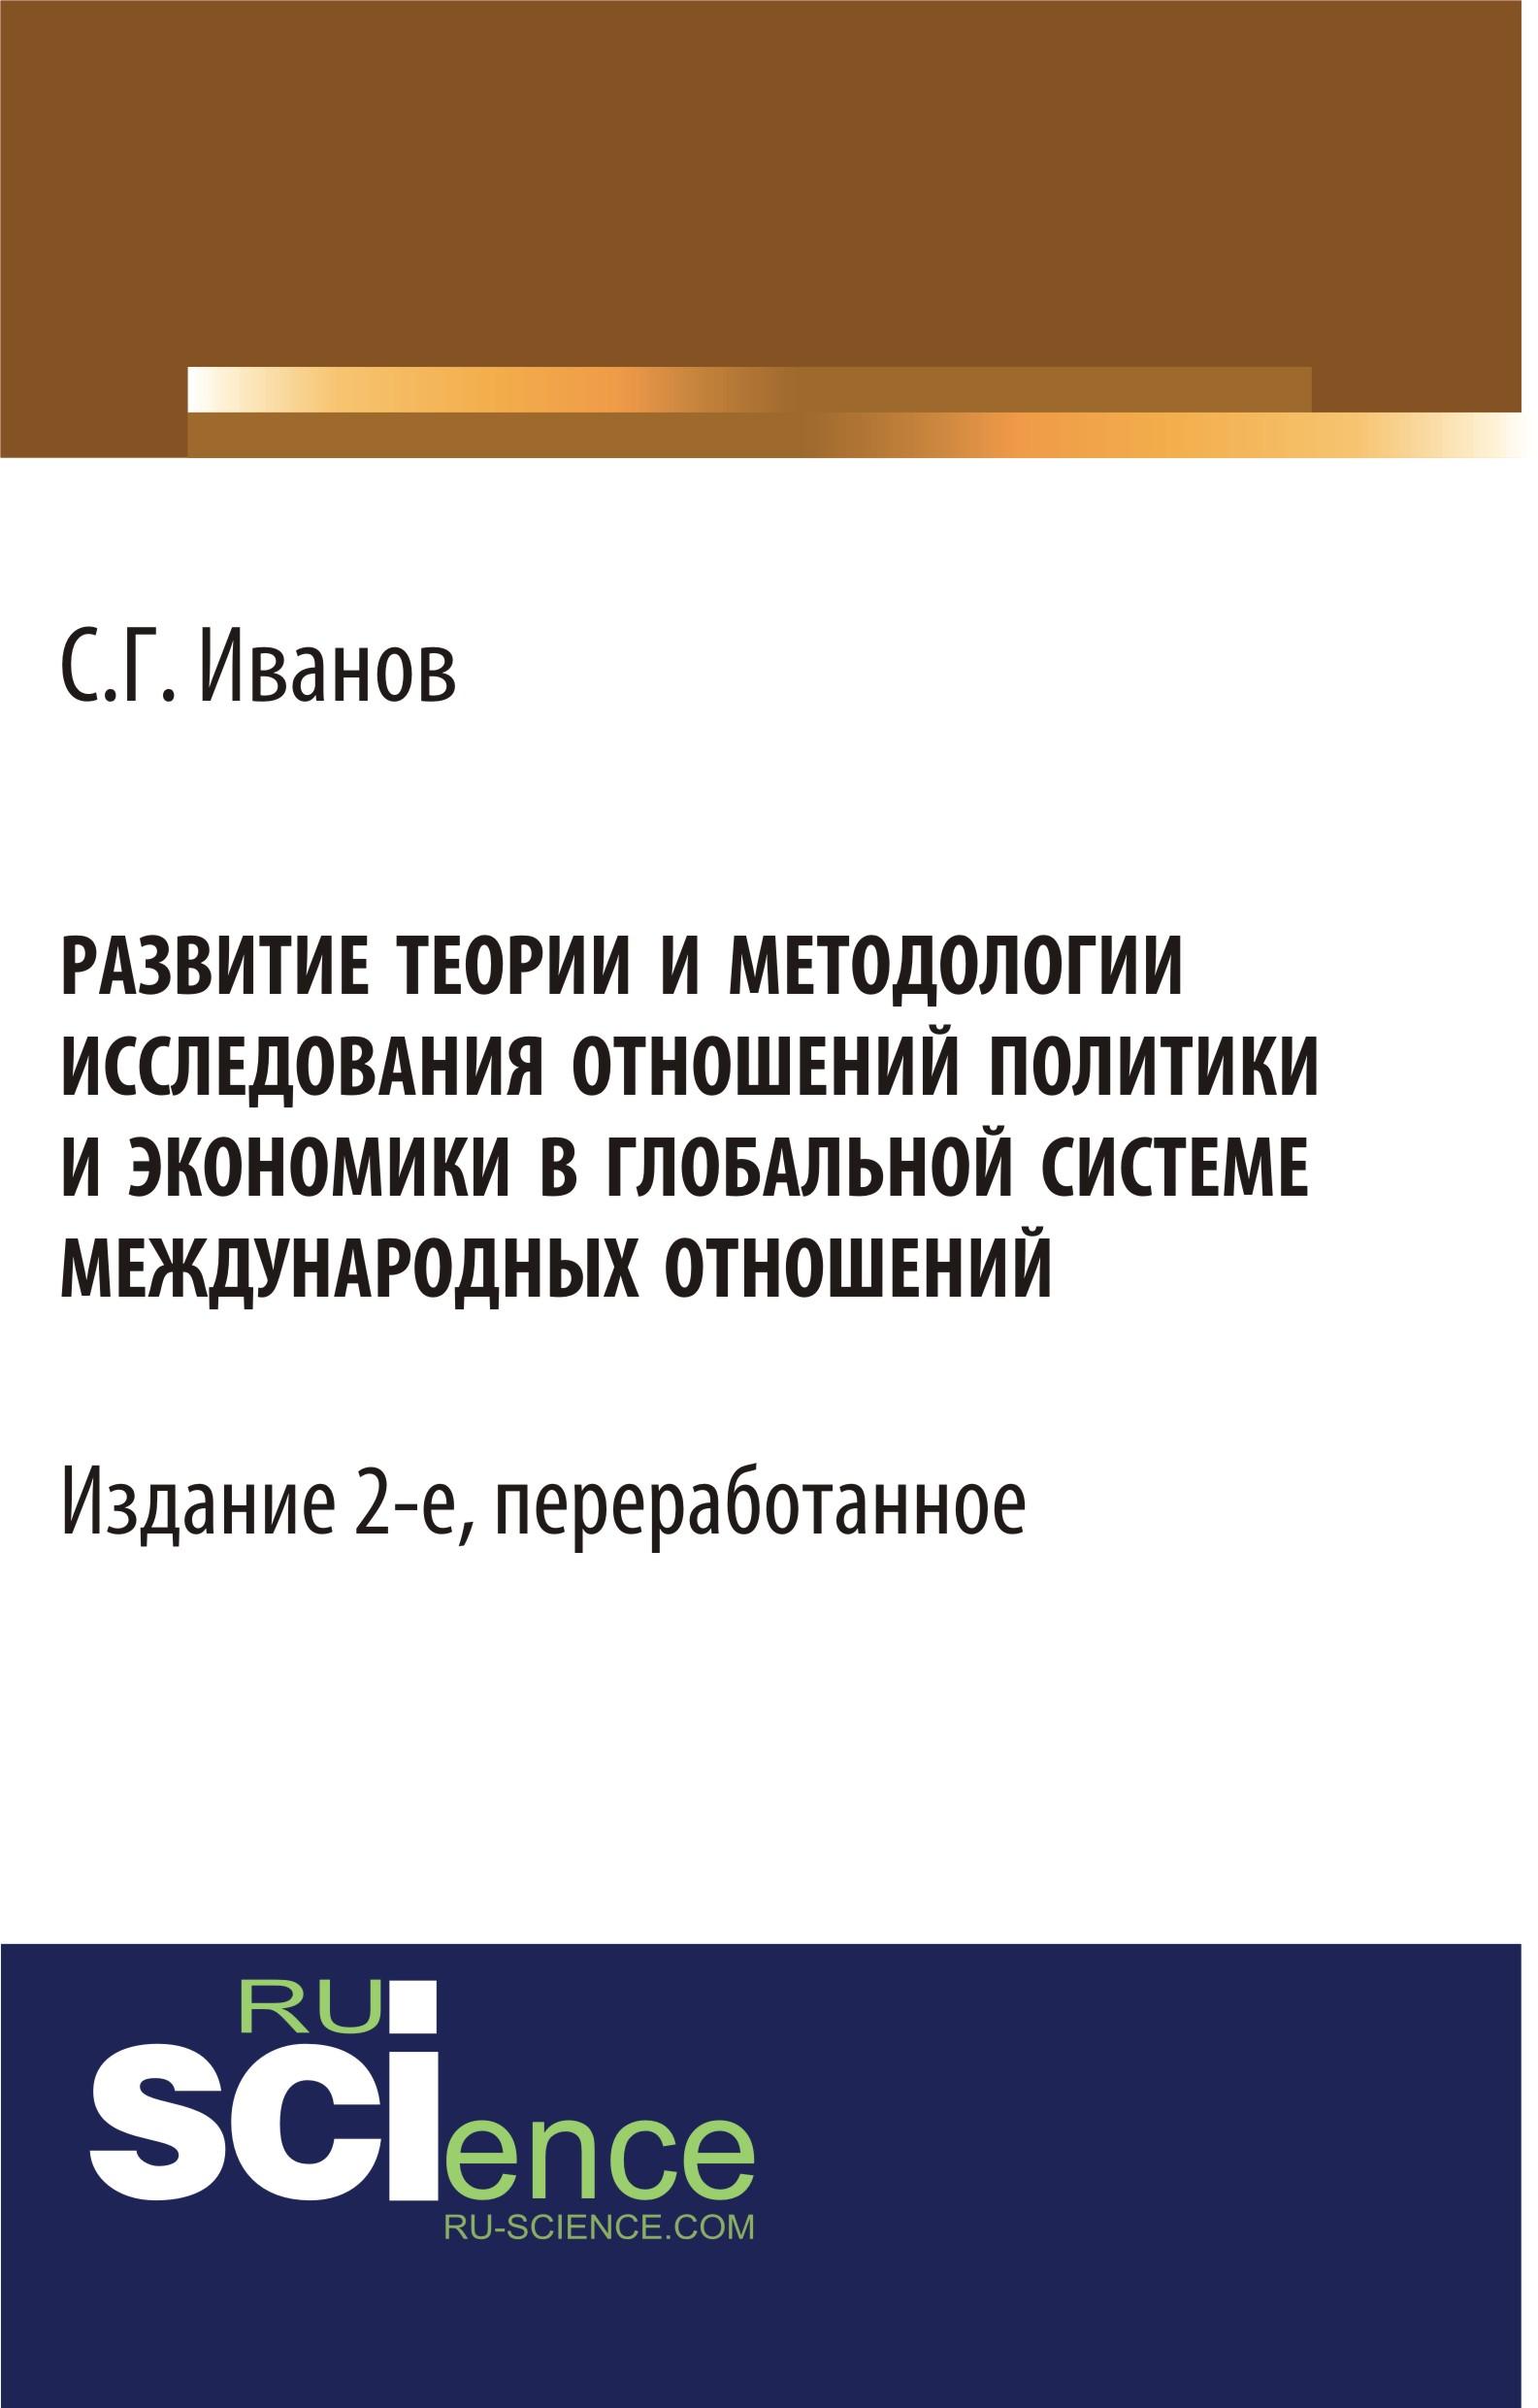 Развитие теории и методологии исследования отношений политики и экономики в глобальной системе международных отношений